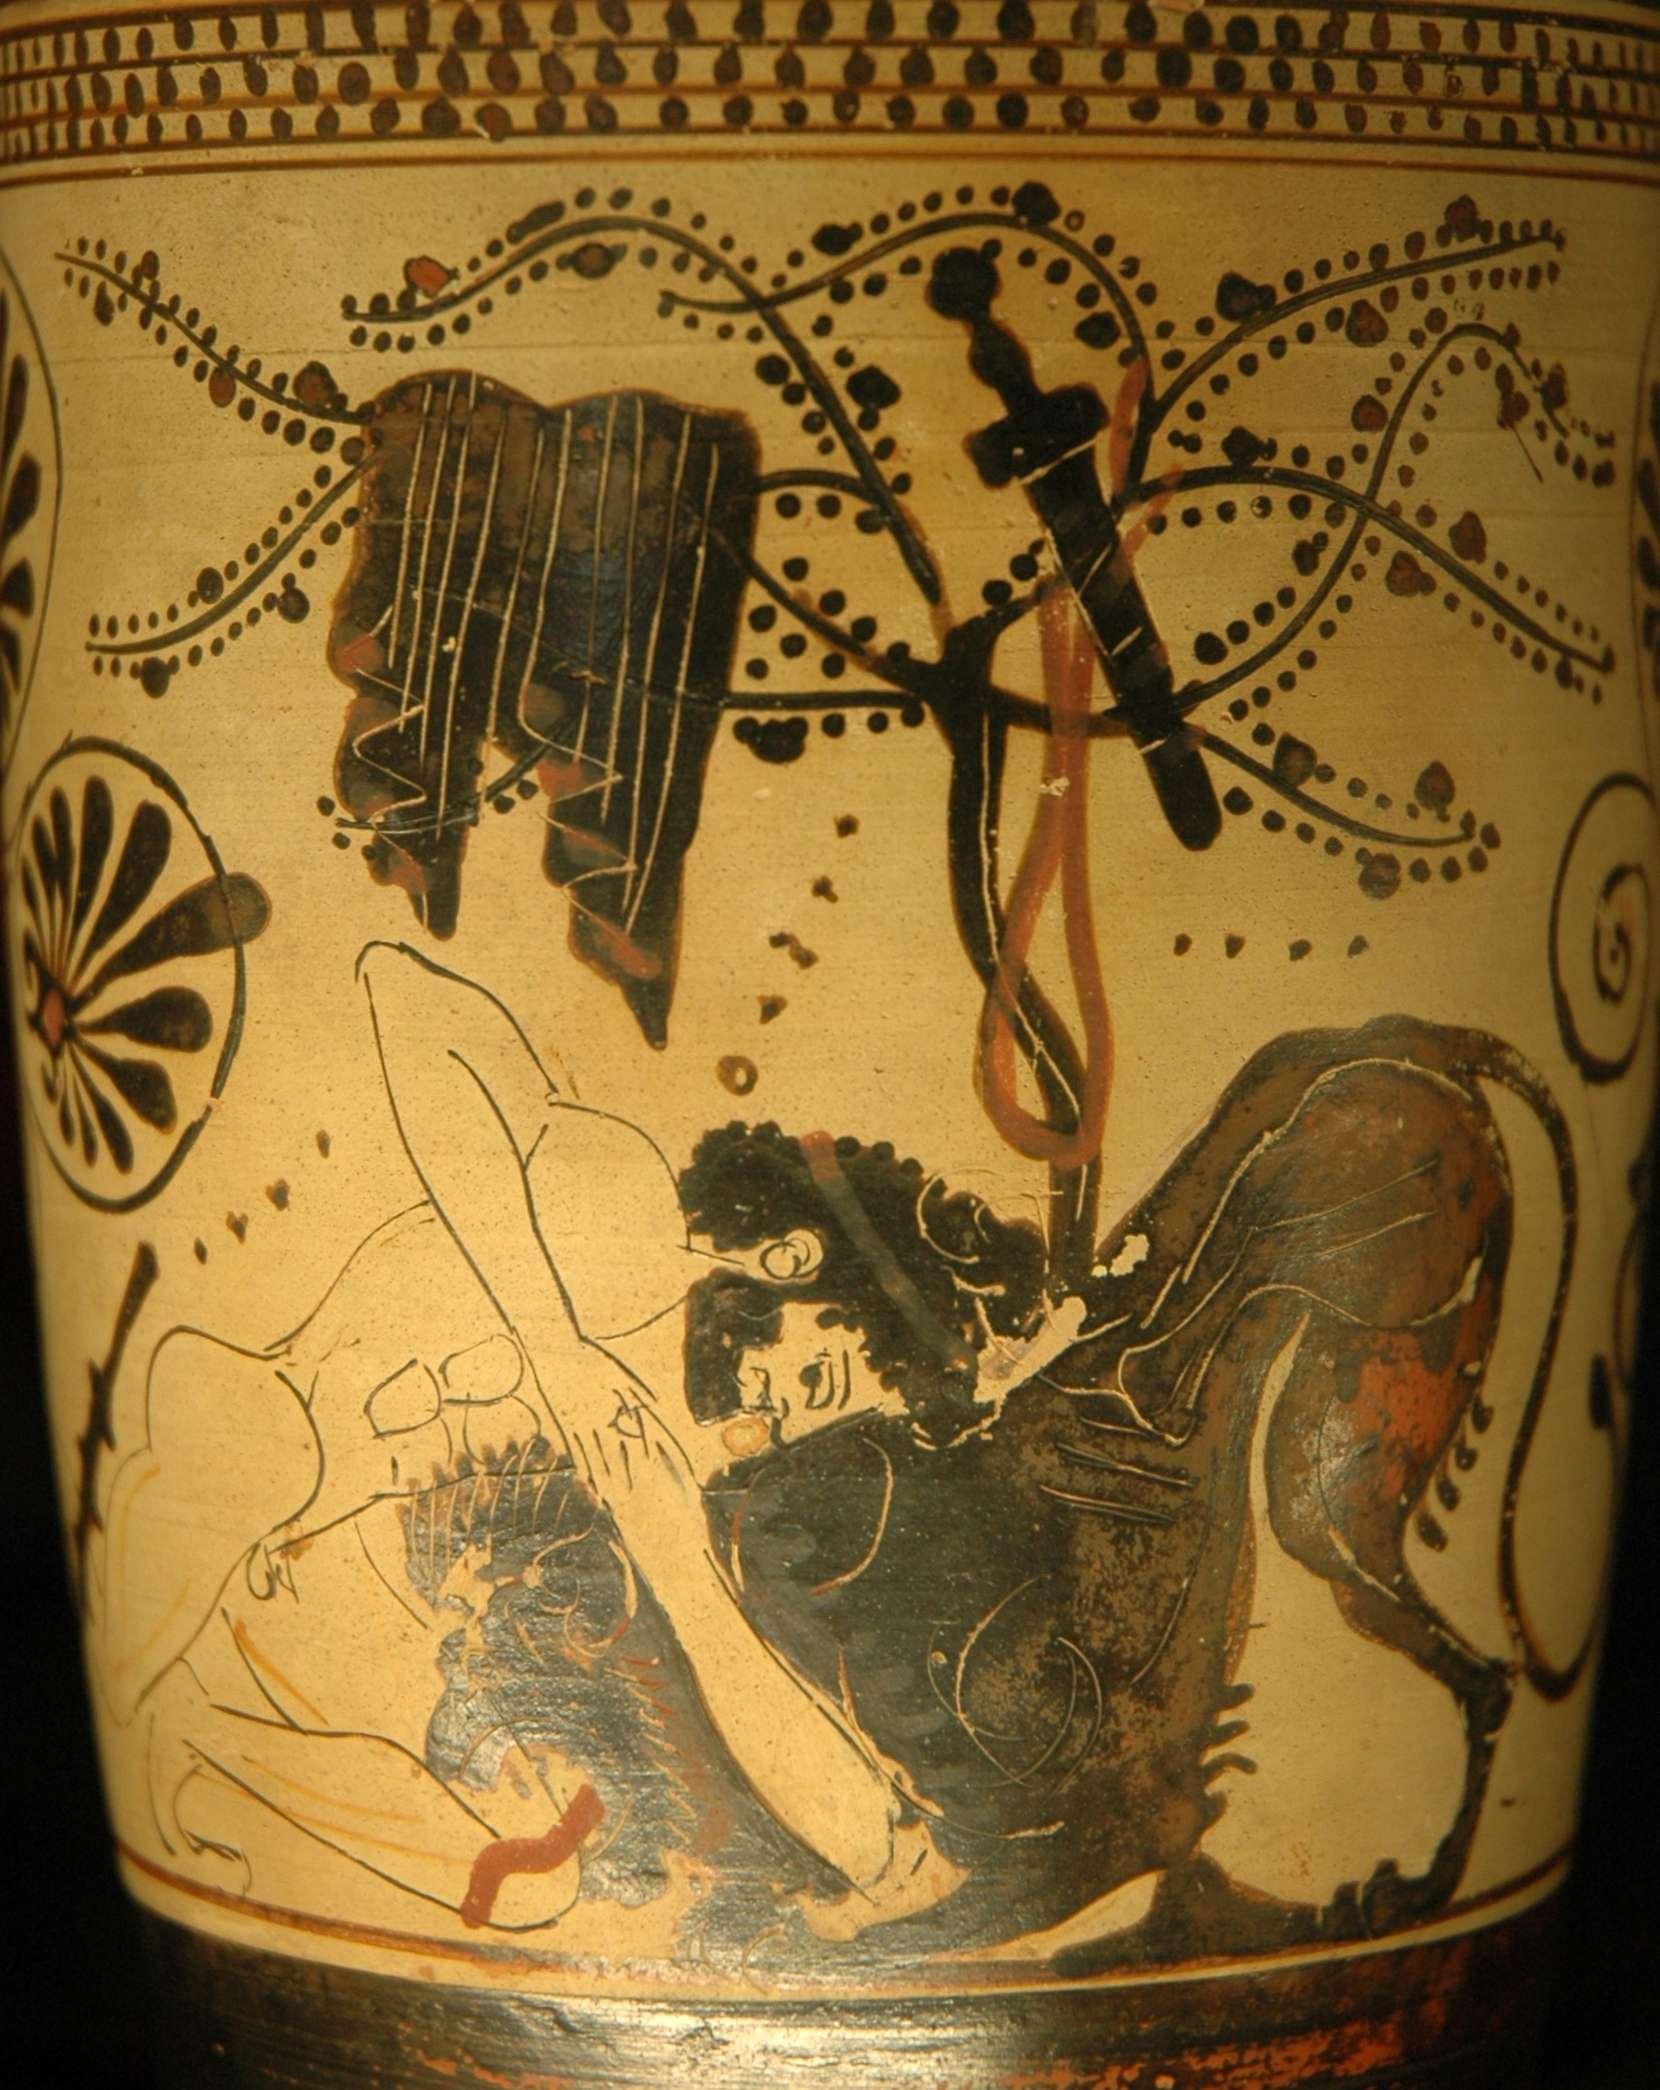 Ο Ηρακλής παλεύει με το λιοντάρι της Νεμέας. Λευκή λήκυθος του «Ζωγράφου του Διόσφου», πρώτο τέταρτο 5ου αι. π.Χ. Μουσείο του Λούβρου